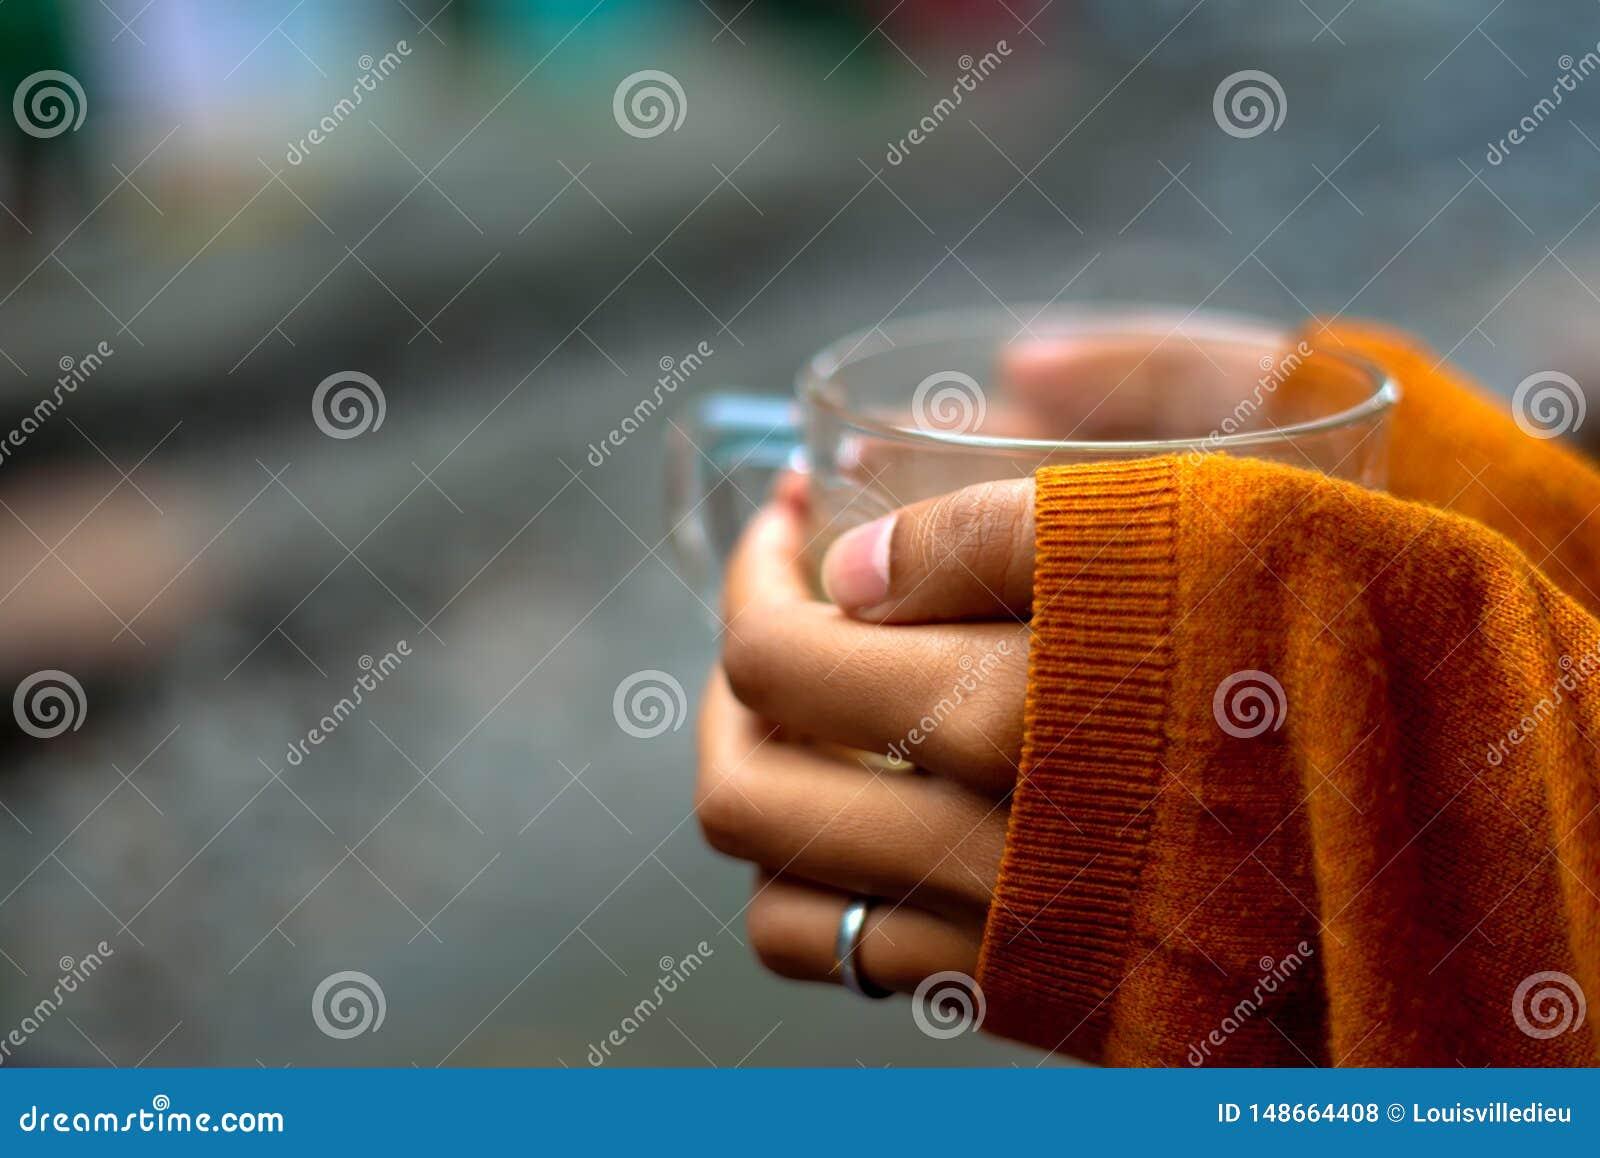 Sostener una taza de té por el jersey de los carriles que cubre las manos por mitad